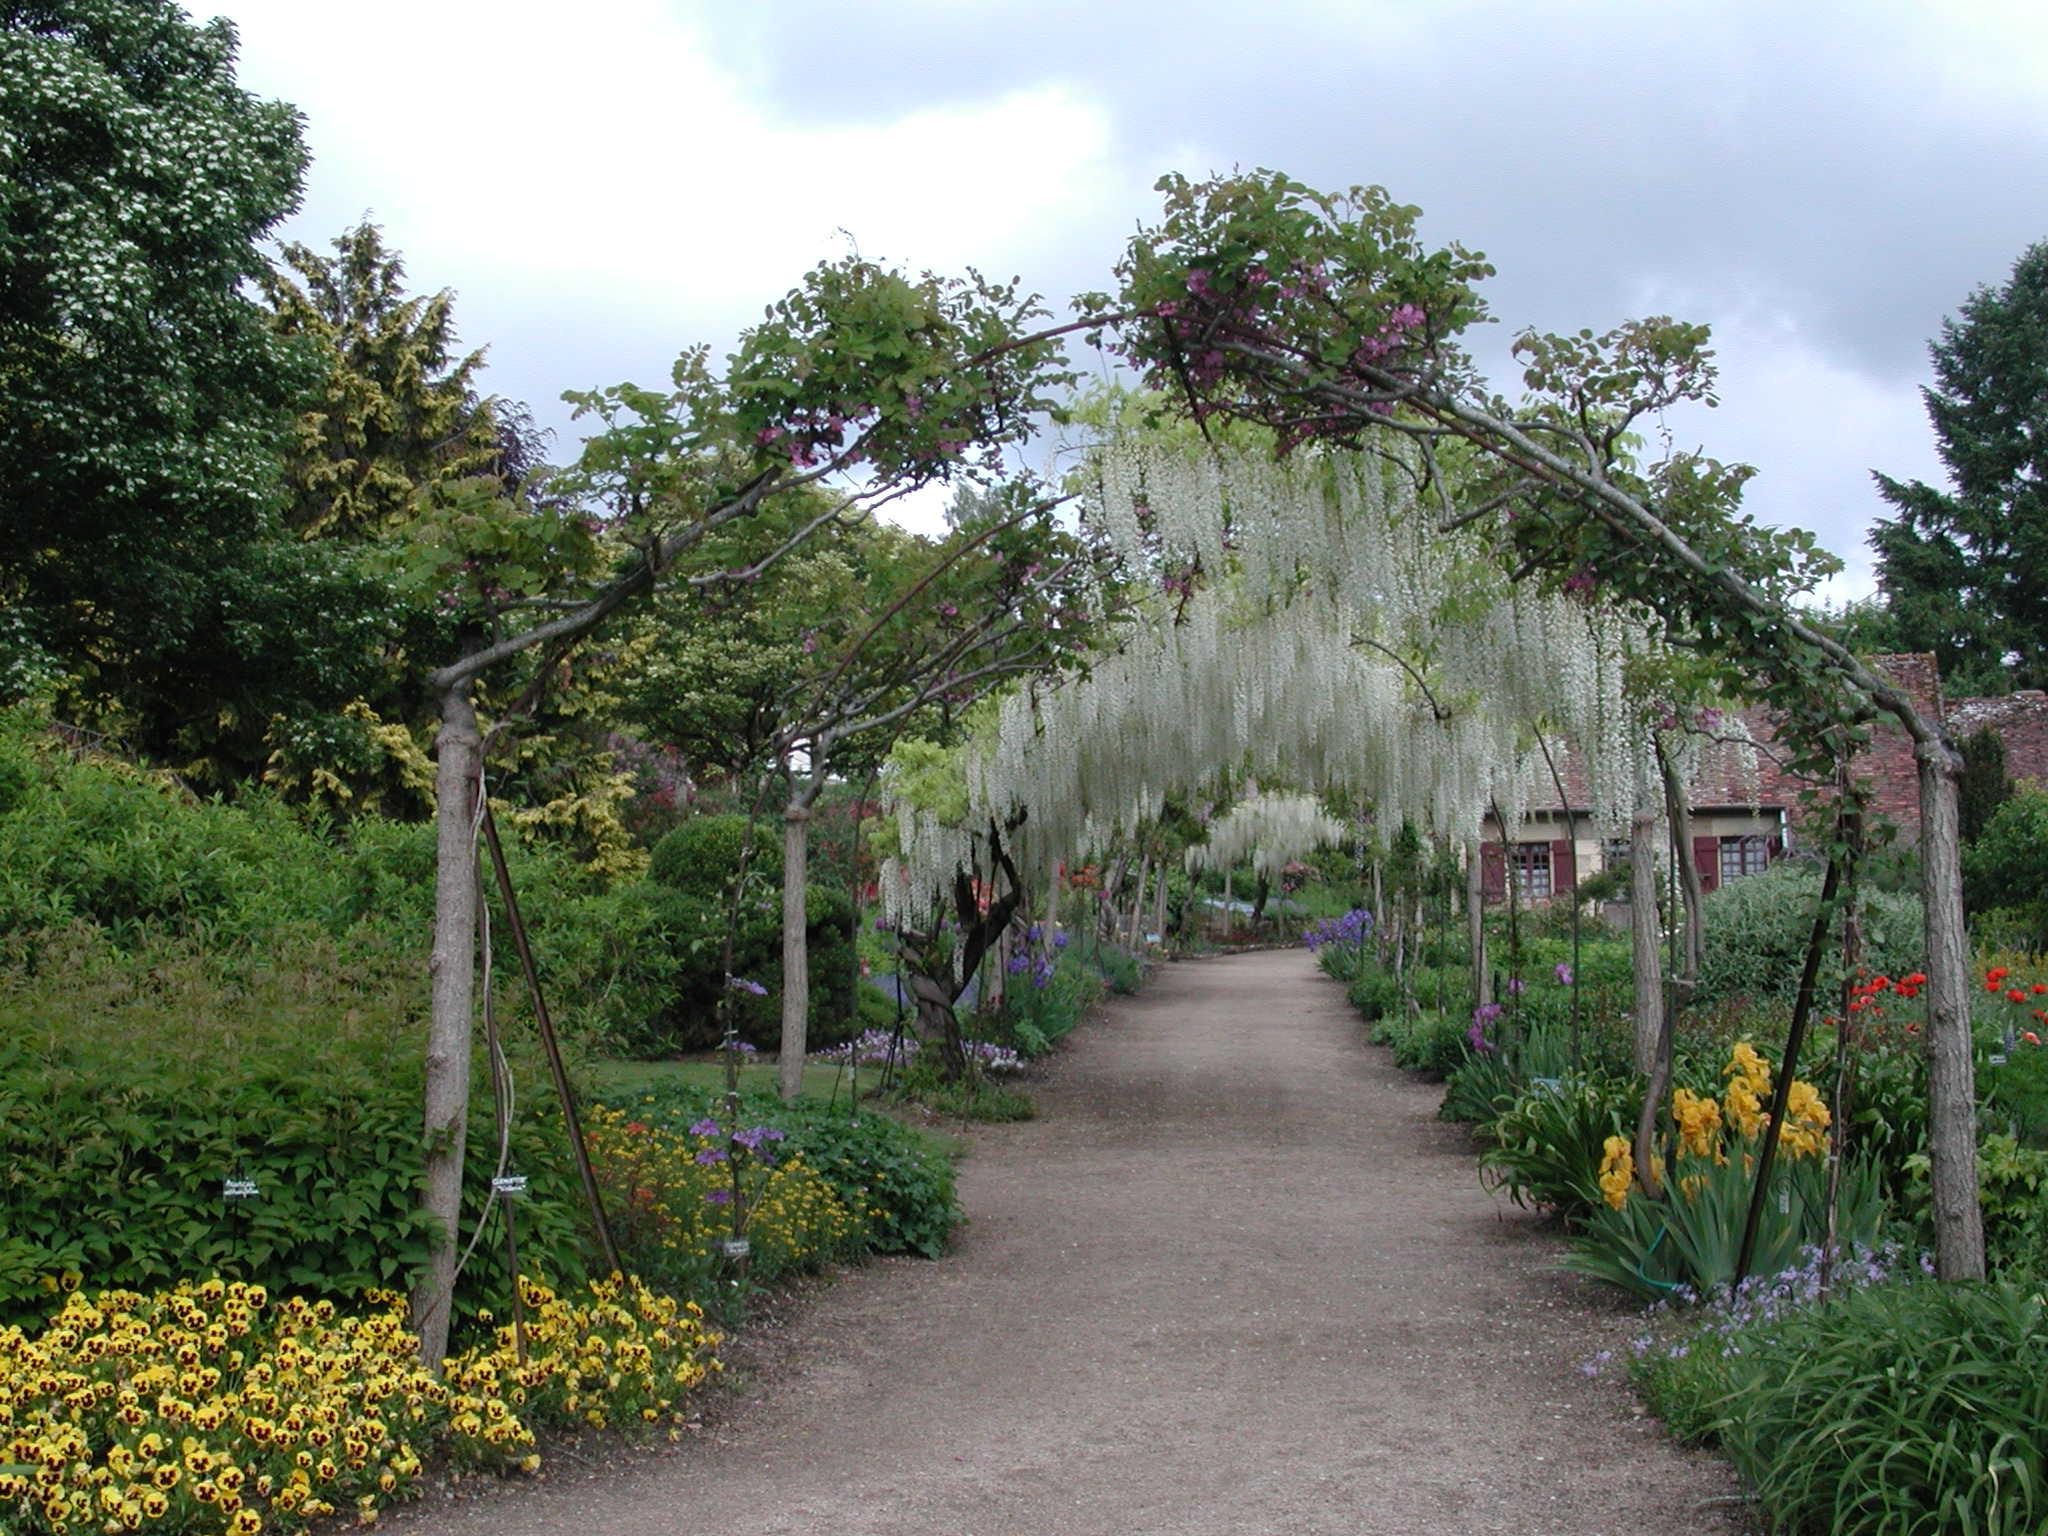 Tonnelle de Glycine au parc d'Apremont-sur-Allier - © D. Lejeune